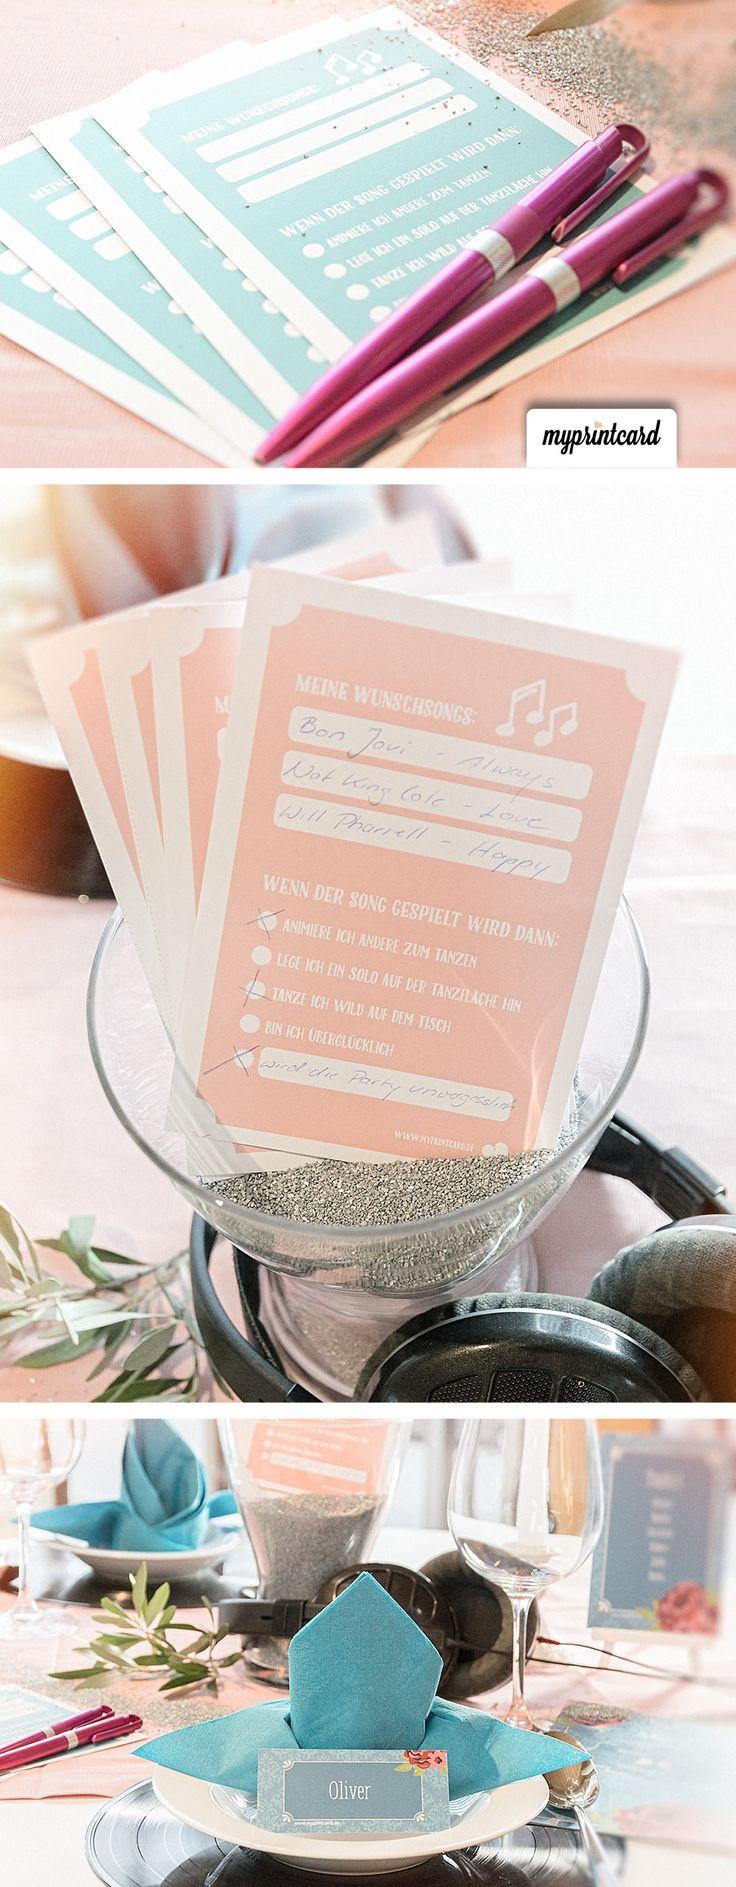 Mit Musikwunschzetteln wird die Hochzeitsparty zum Knaller! Wir haben ein tolles Freebie zum selber Ausdrucken vorbereitet! #musikwunschkarten #freebie #kostenlos #ausdrucken #selbermachen #doityourself #diy #hochzeit #party #wedding #braut #bräutigam #feiern #hochzeitsfeier #musik #dj #band #langeweile